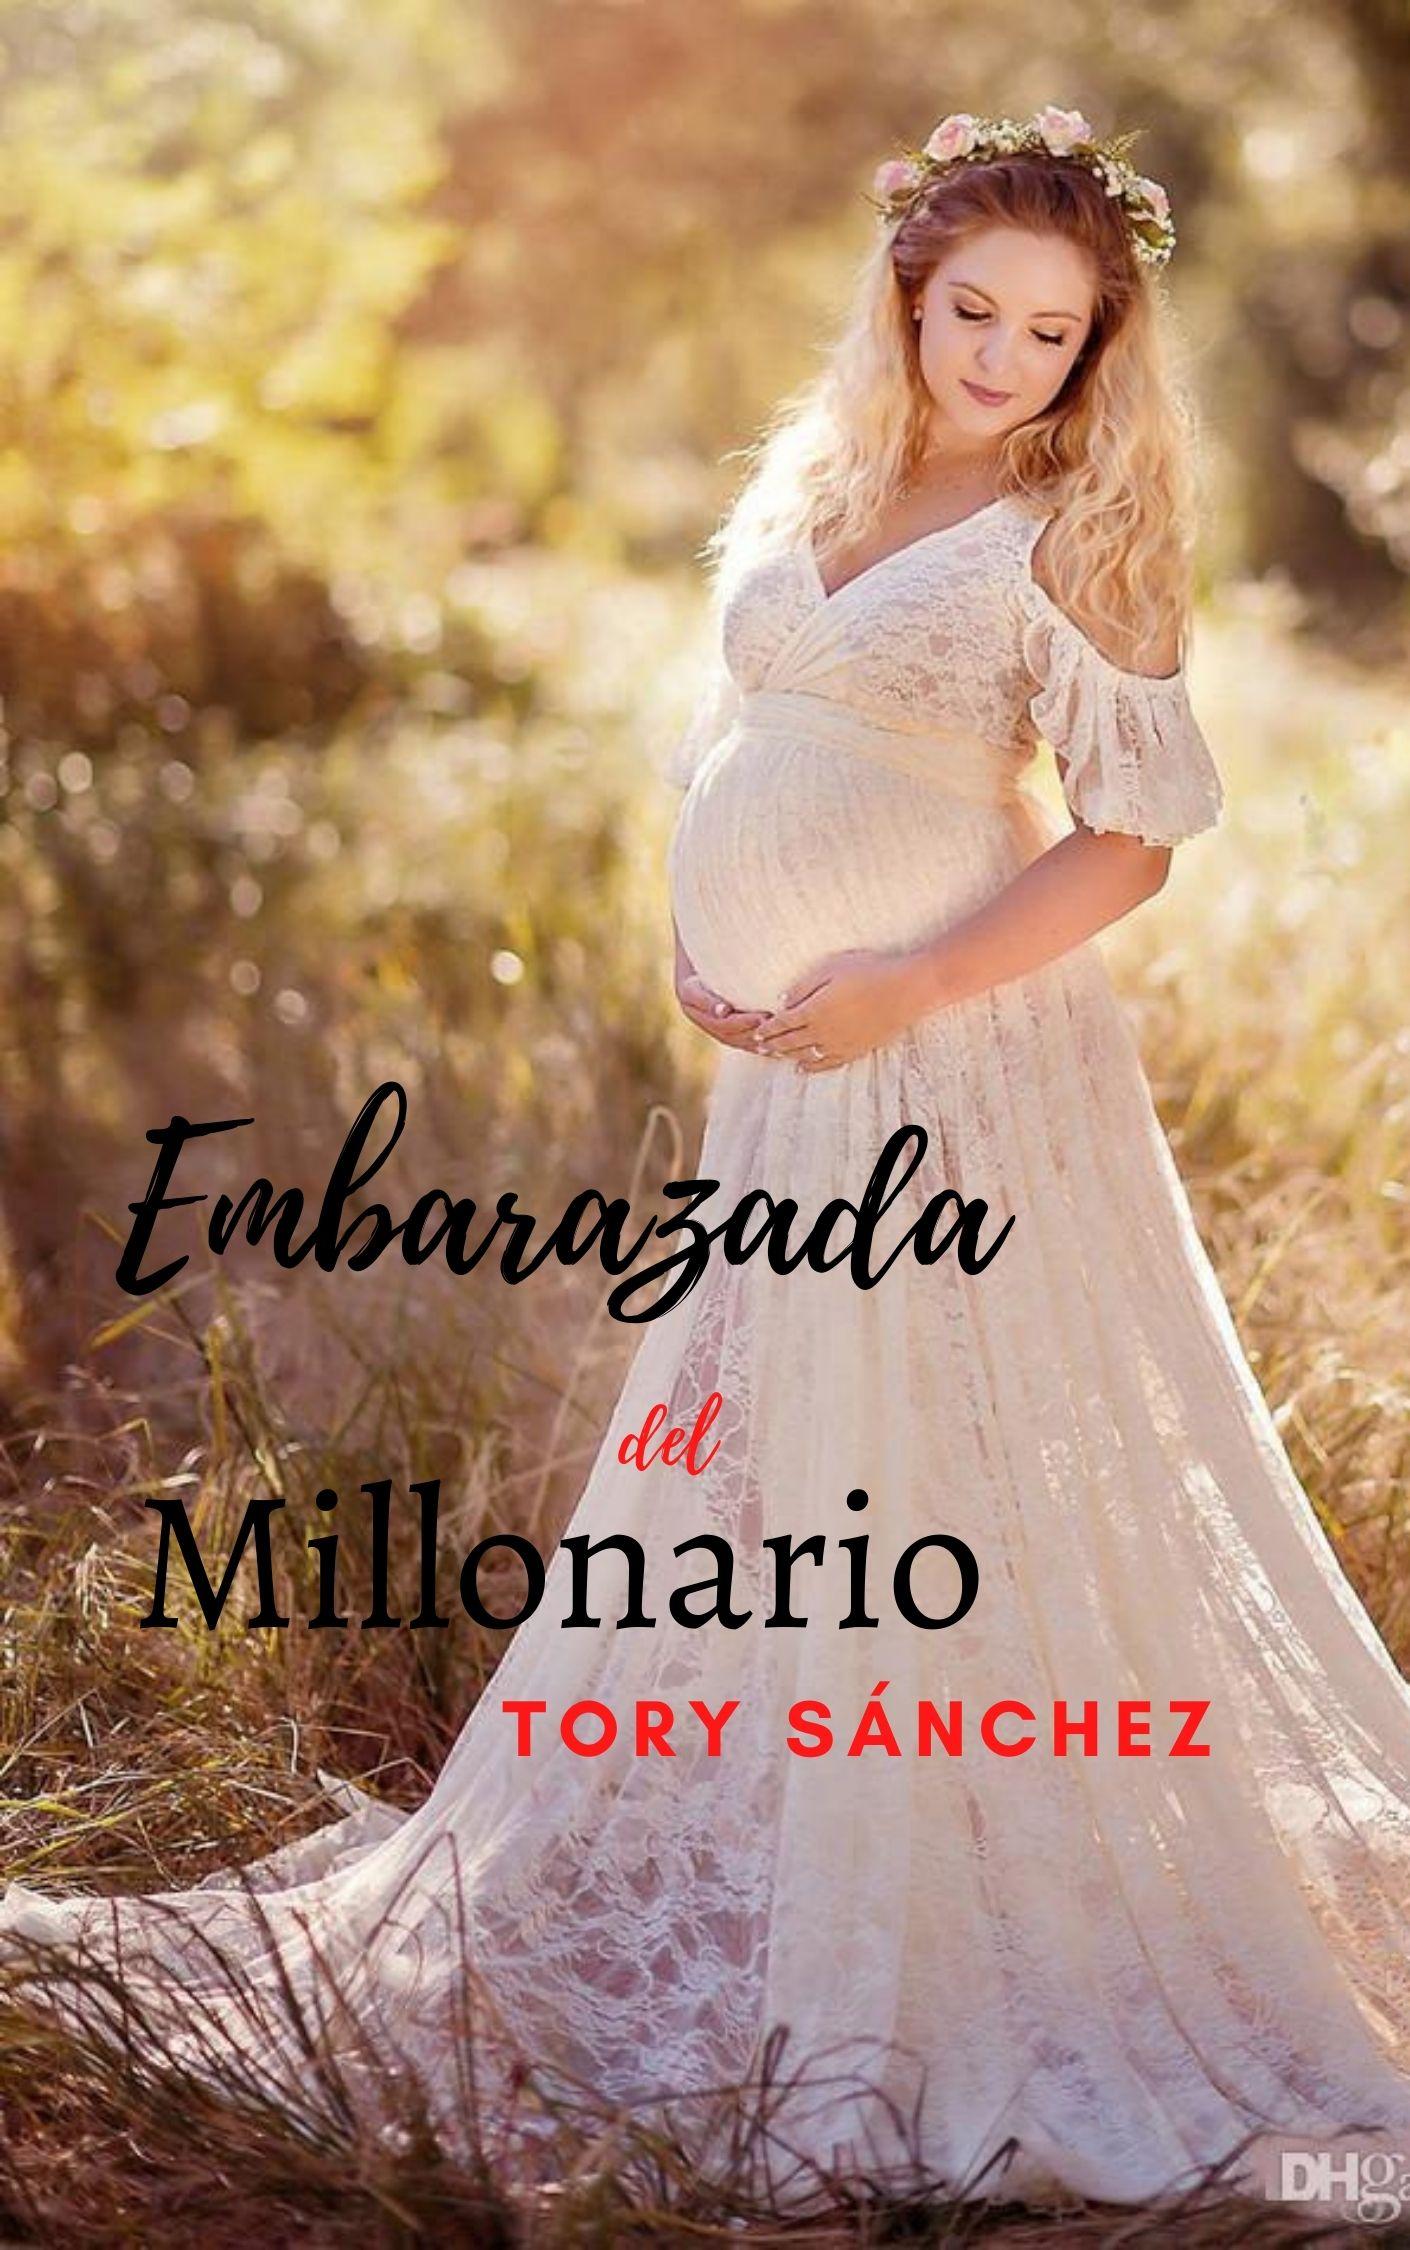 Embarazada del Millonario